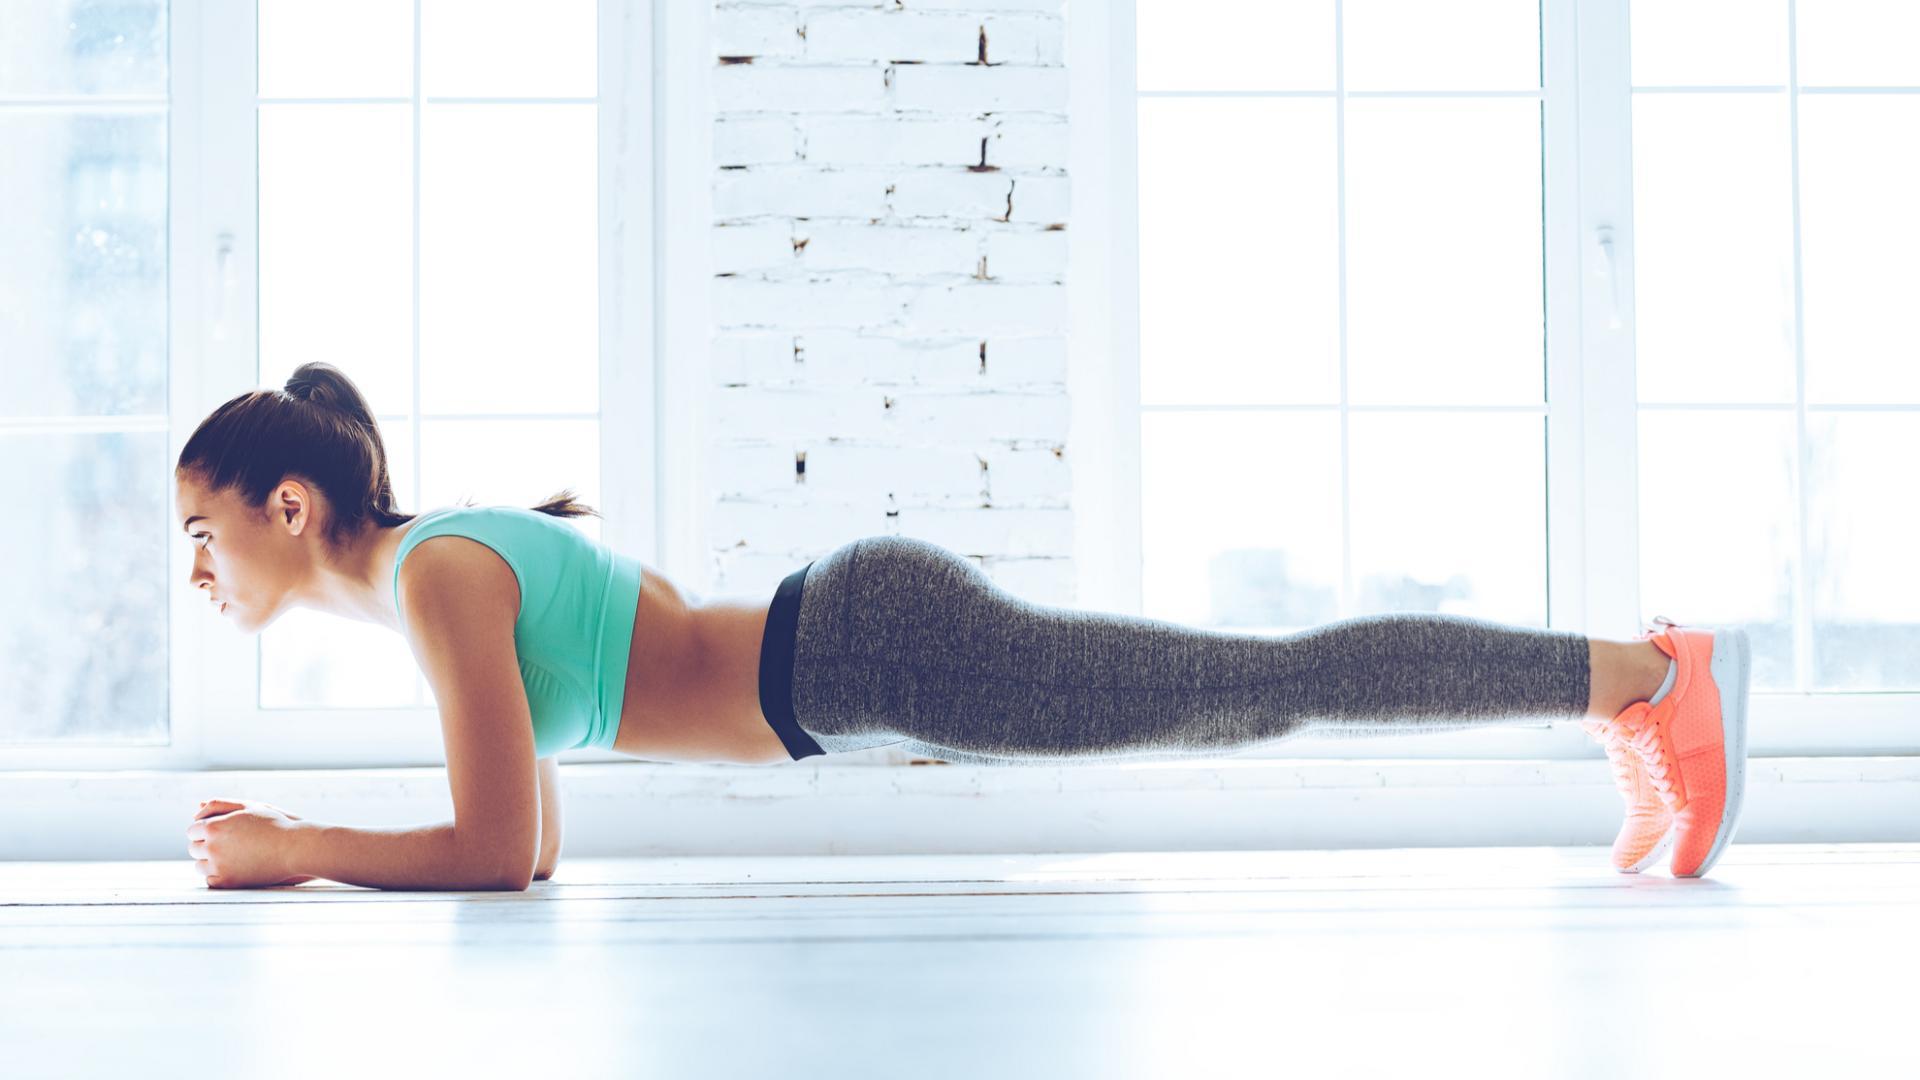 Frau Plank Sport